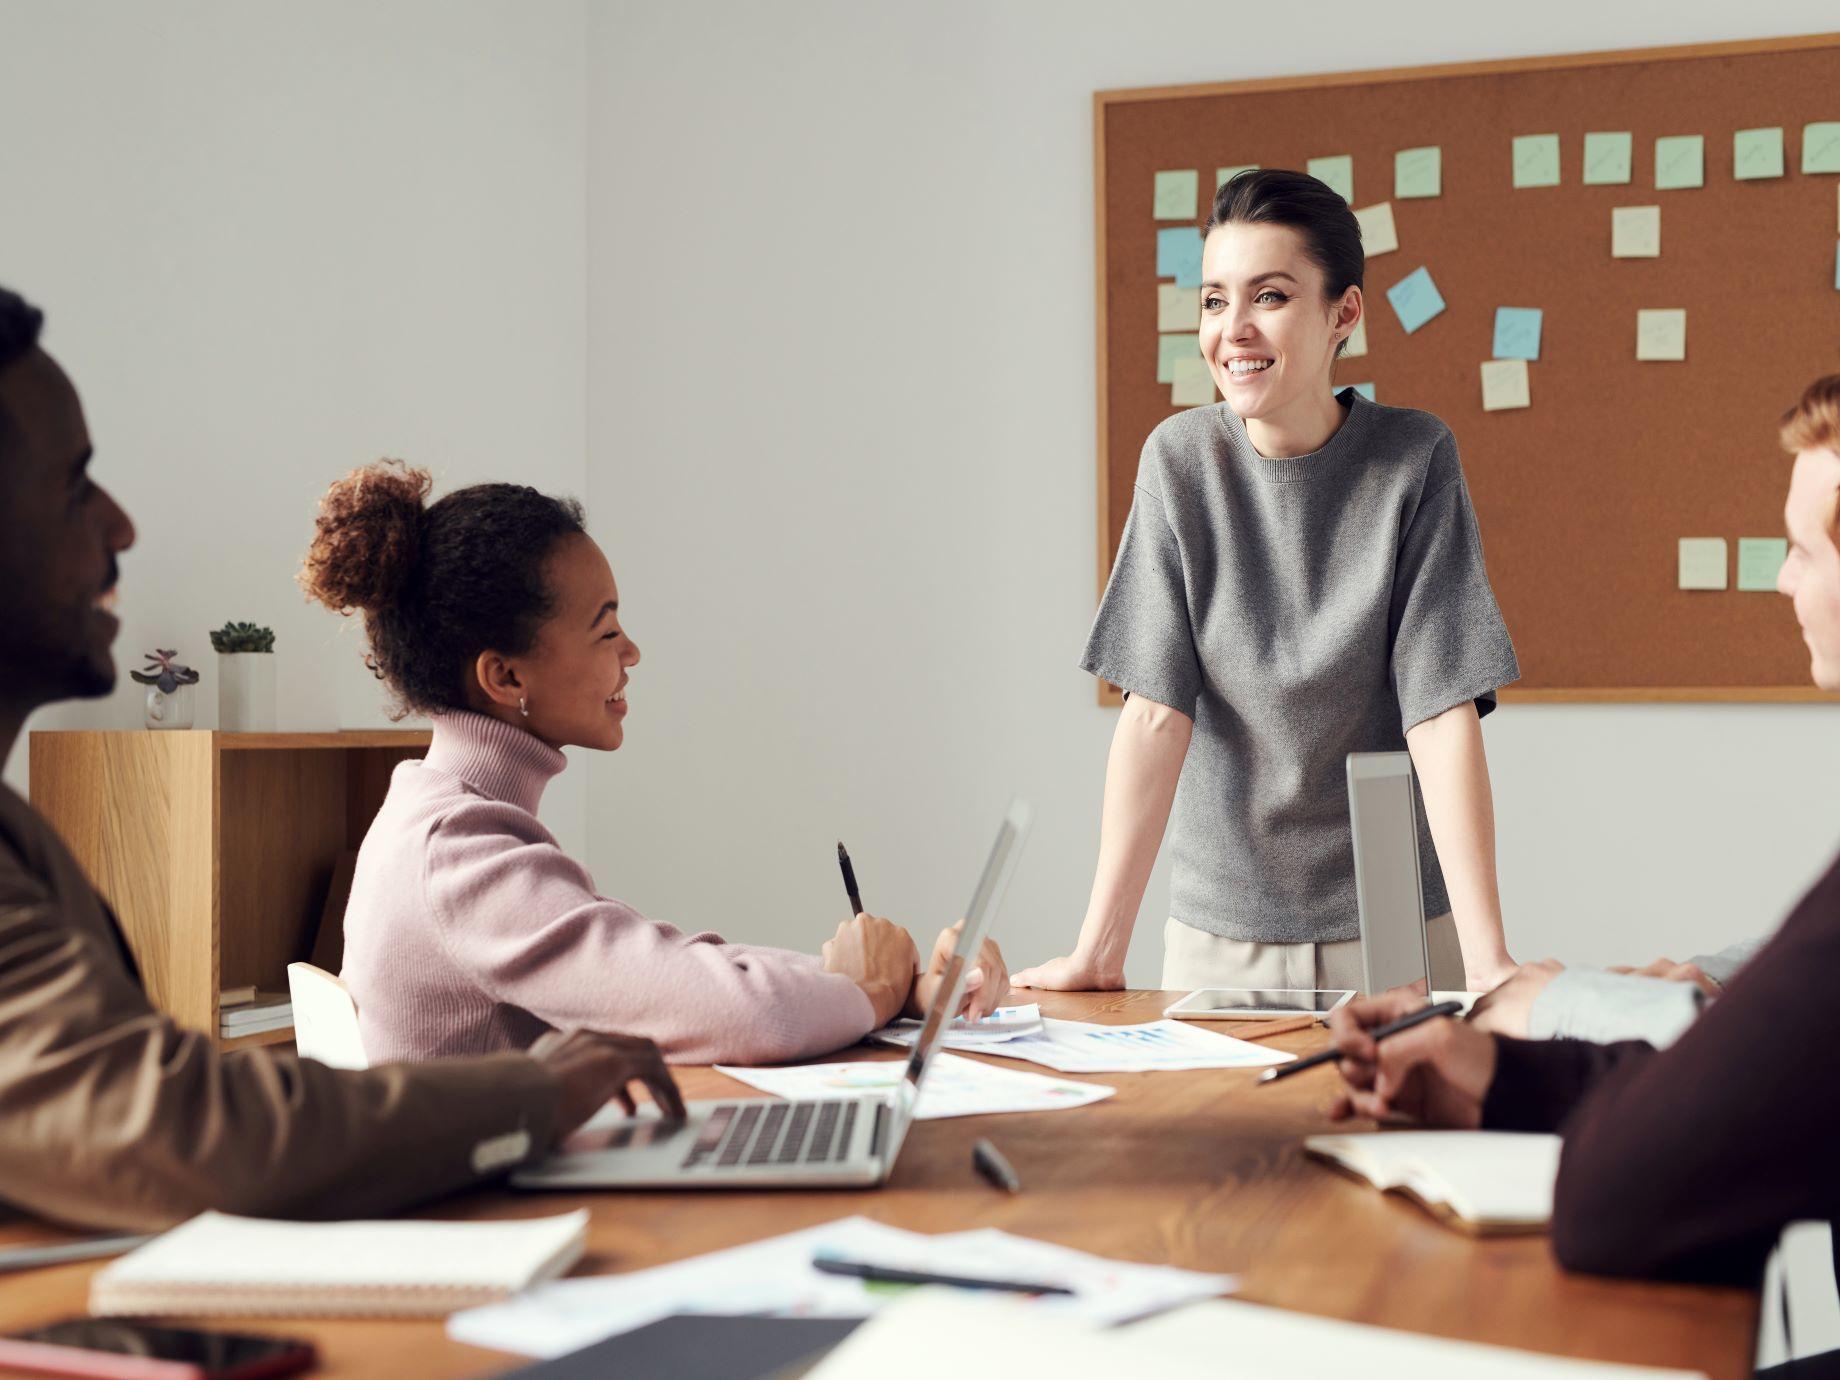 如何成為「好」的領導人?掌握優秀領導者必扮演的3種角色,用你的領導風格,激發團隊無限潛力